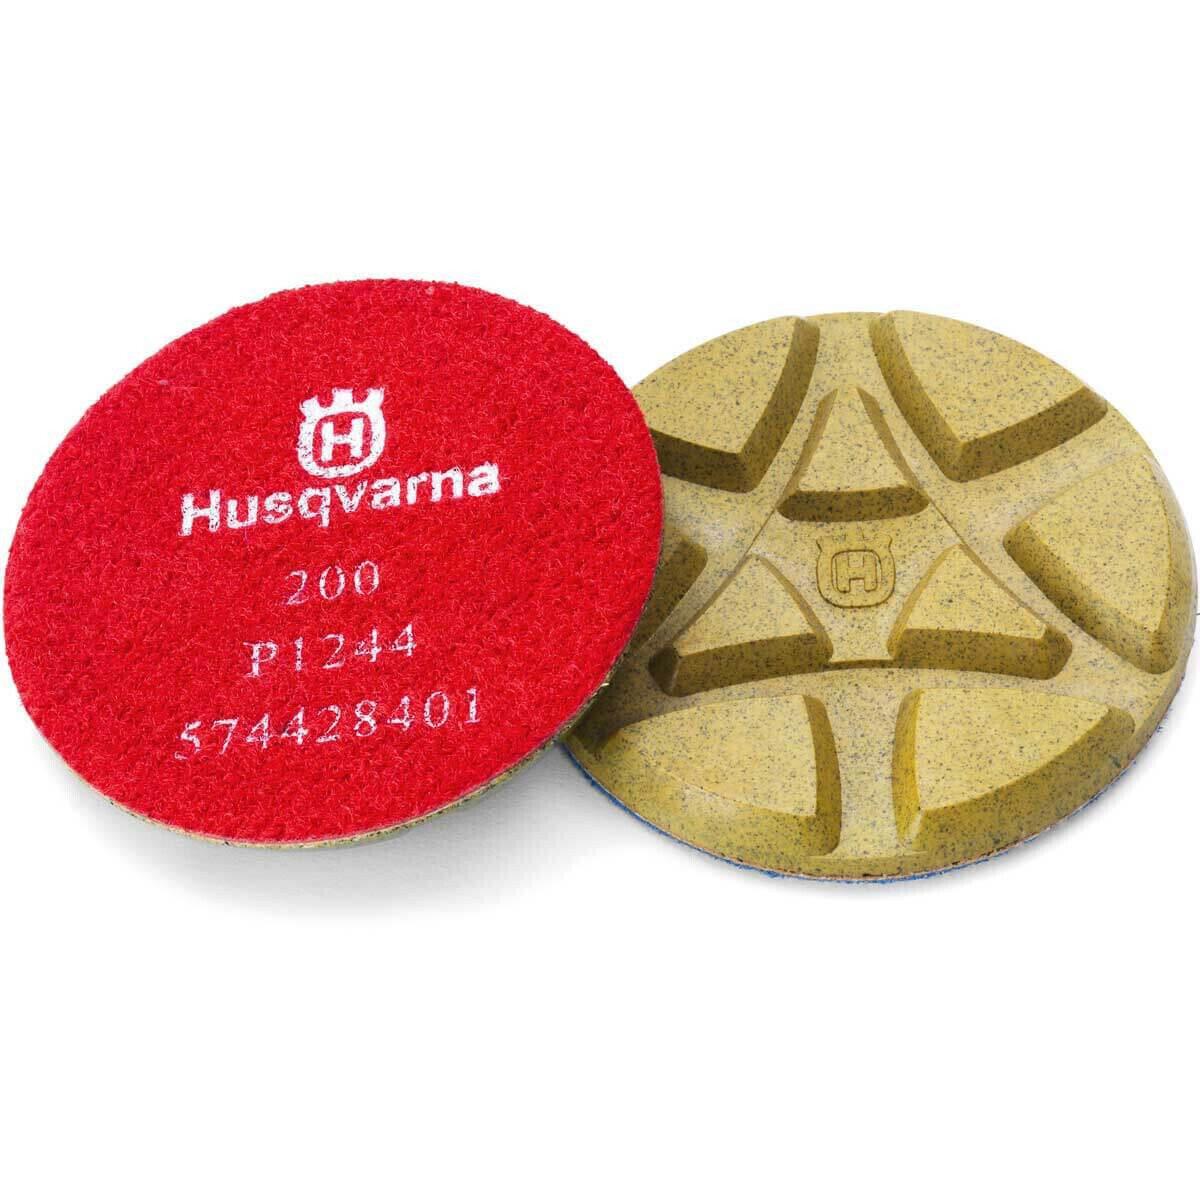 Husqvarna 3 inch P1200 Dry Resin Diamond Pads